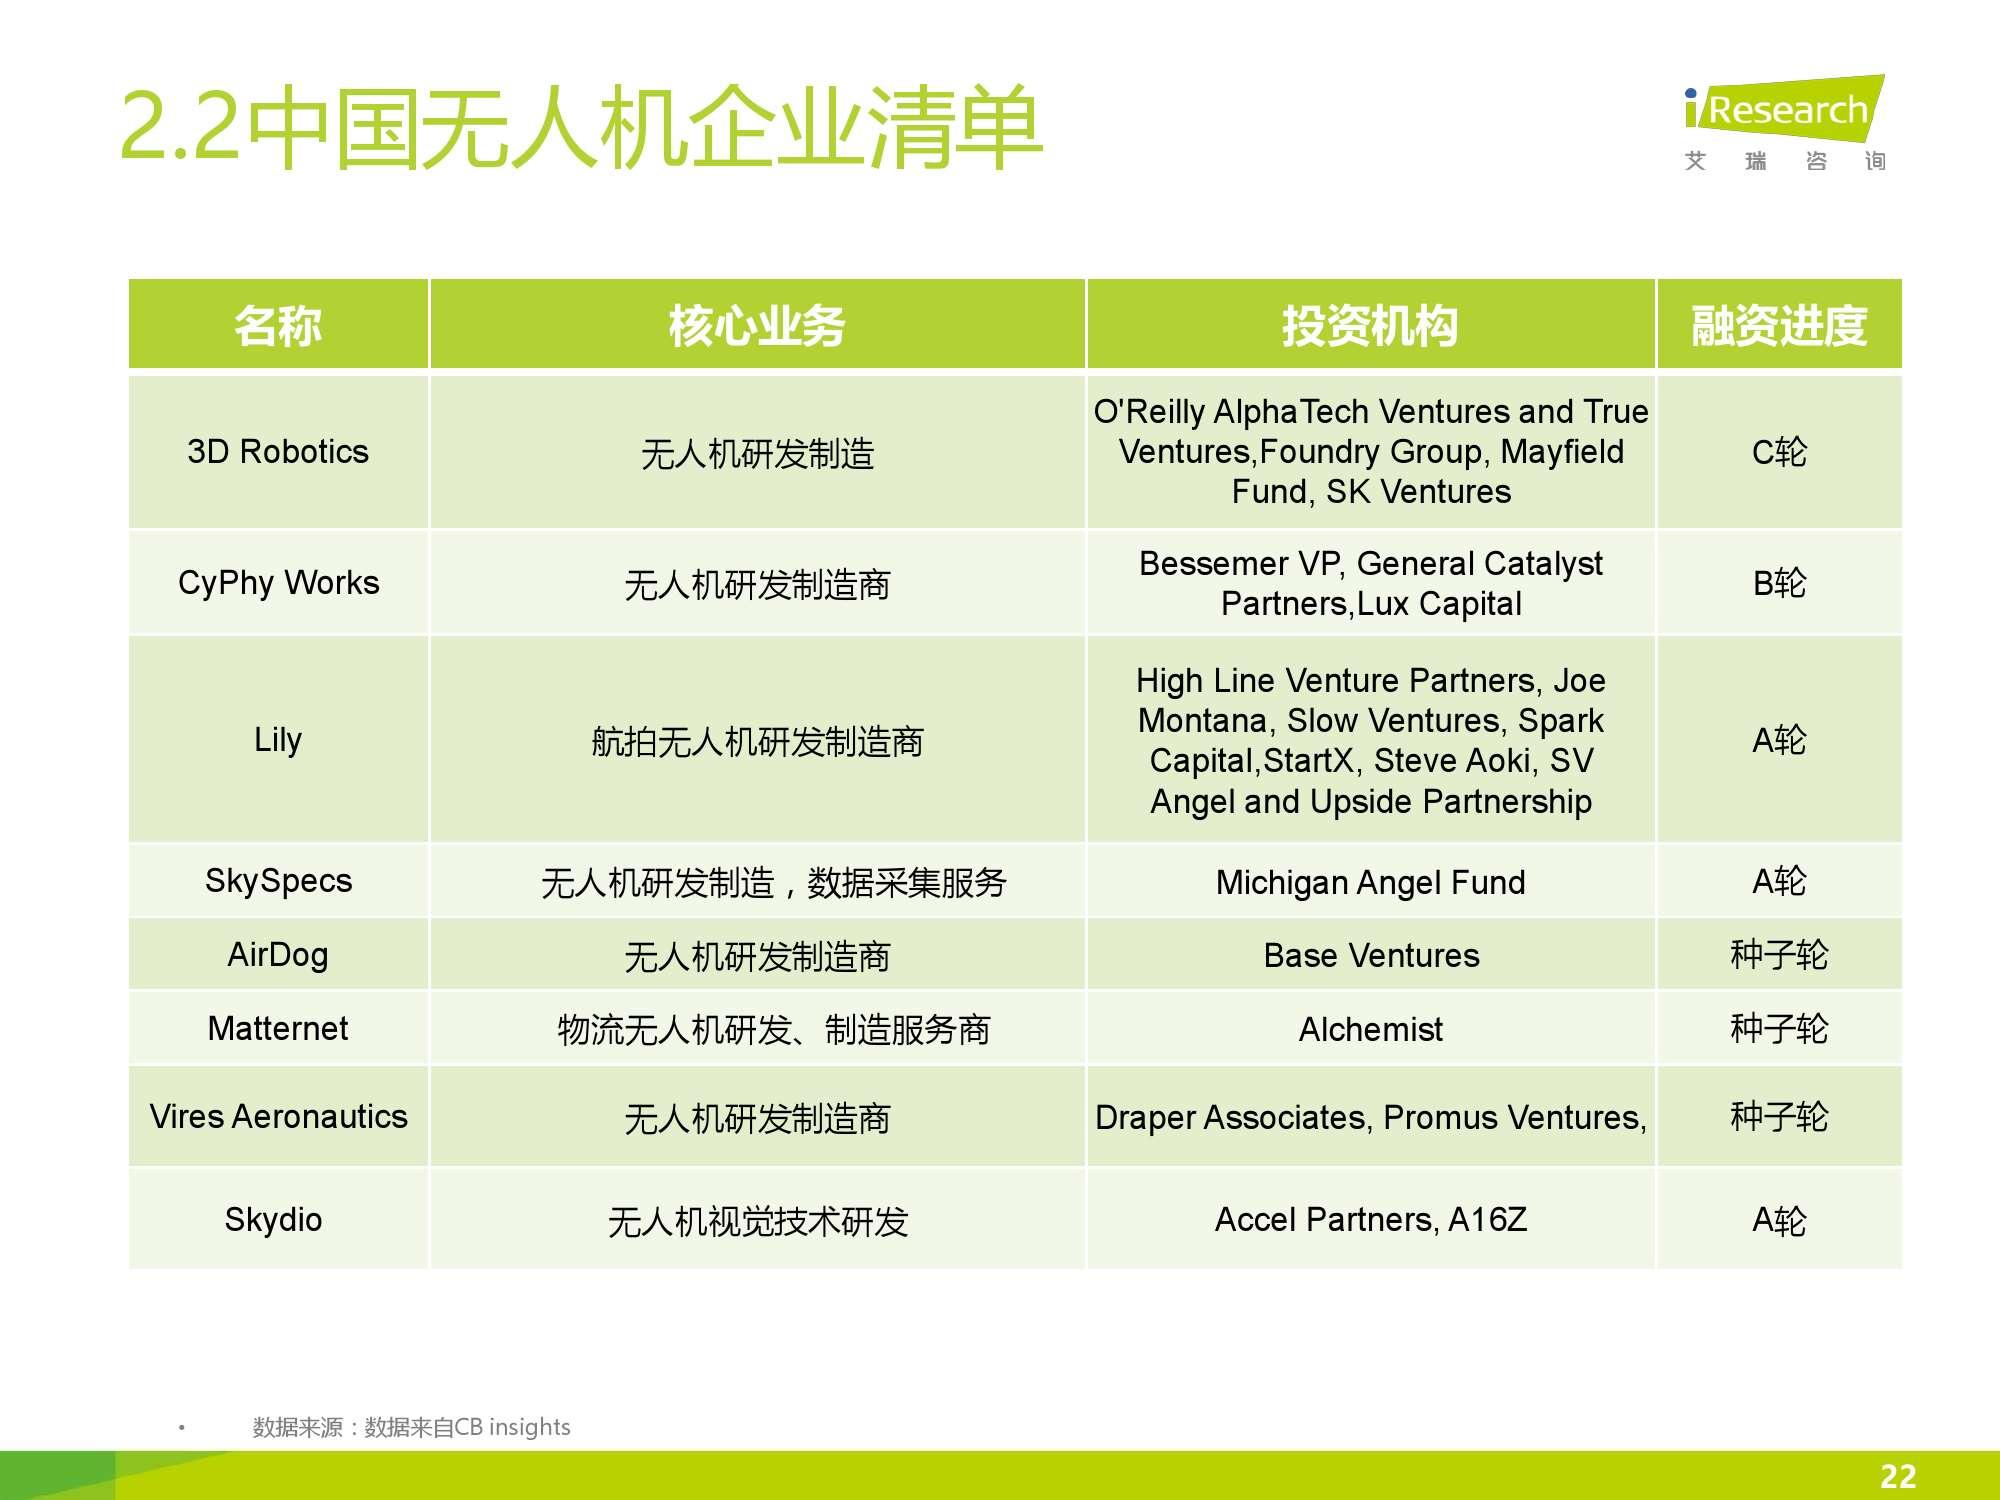 2016年中国无人机行业研究报告简版_000022